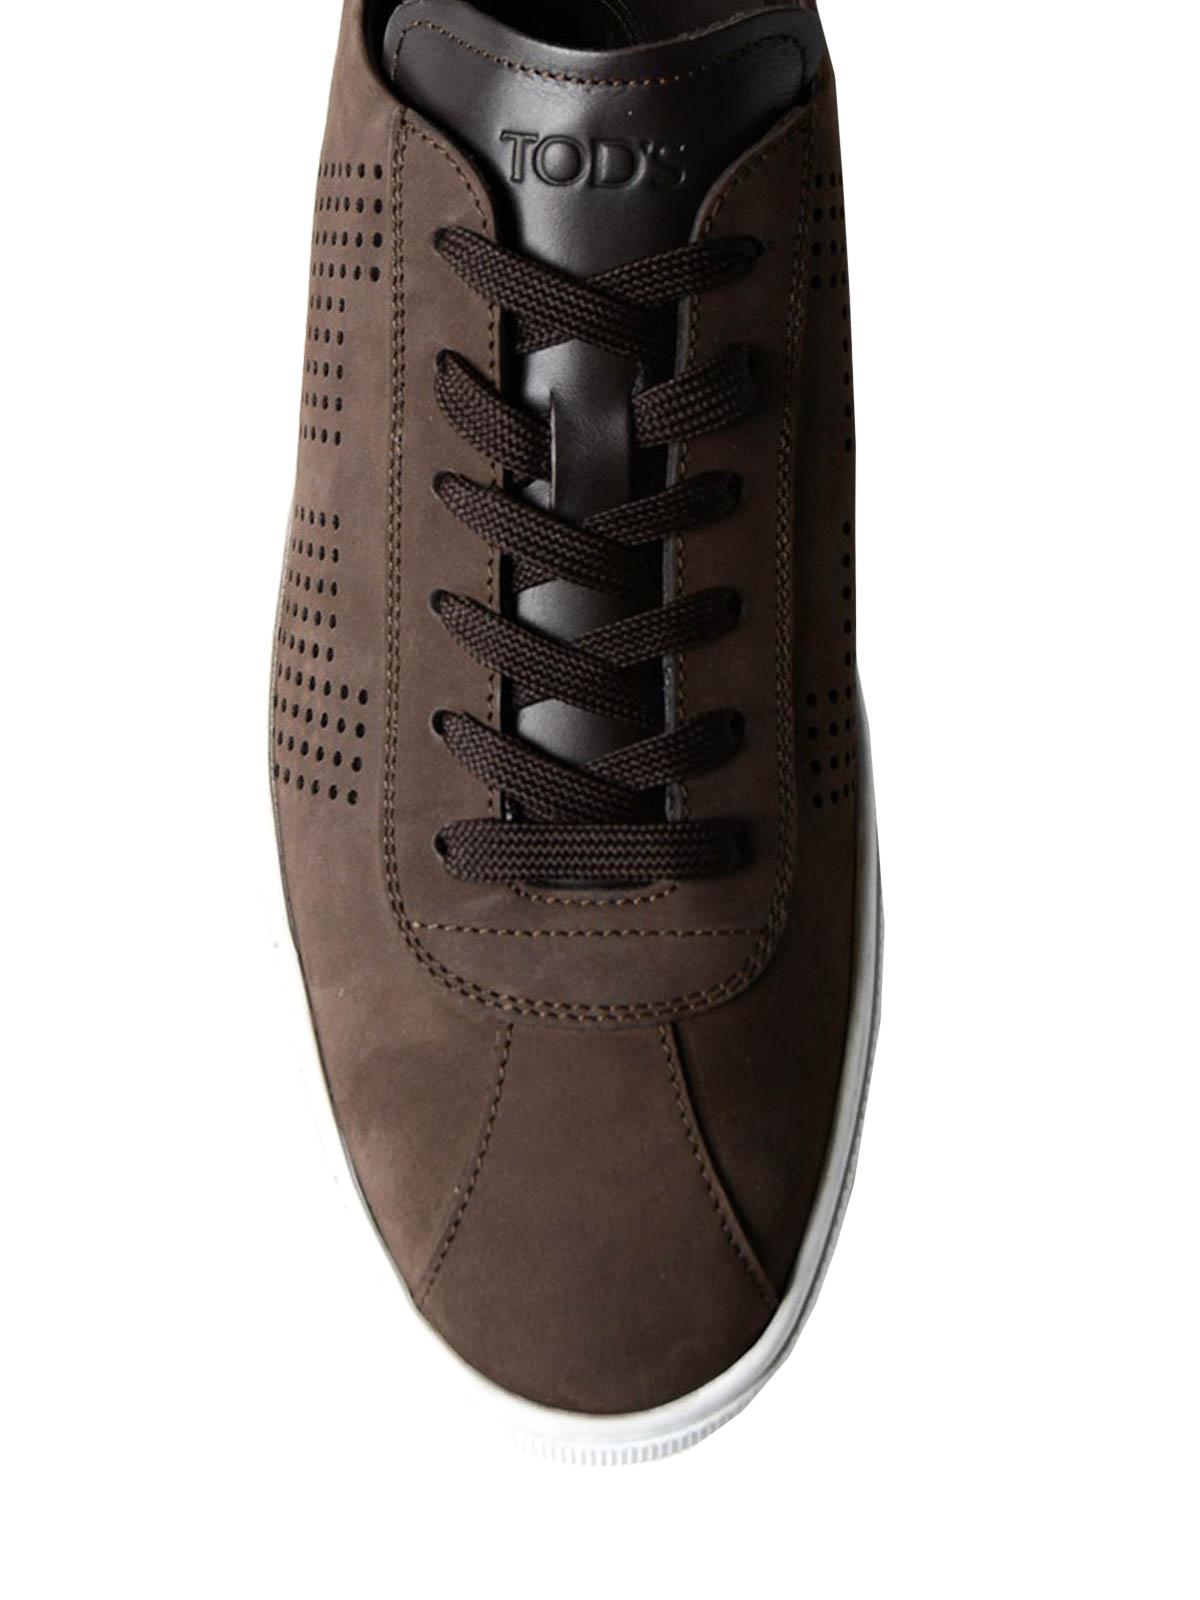 Dark brown suede low top sneakers